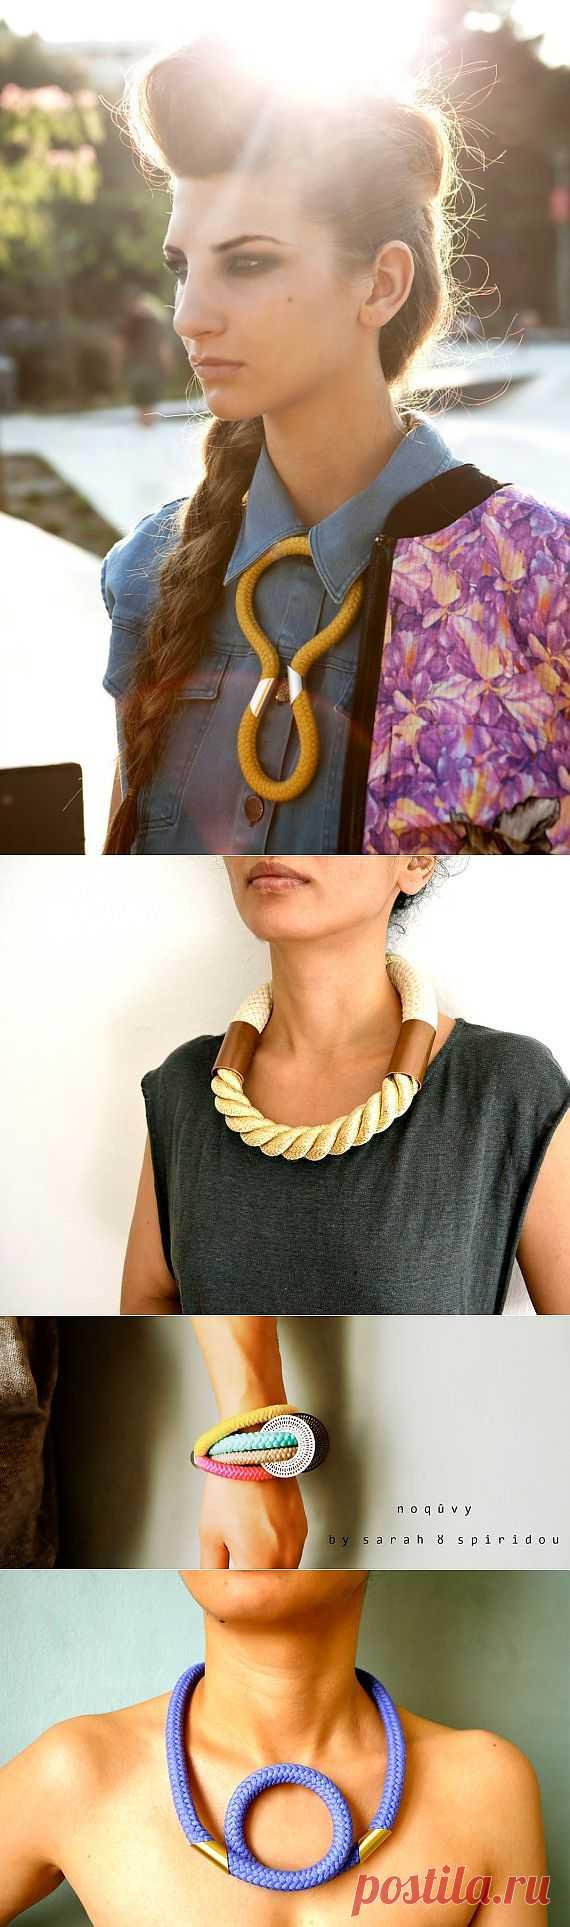 Украшения из верёвки / Украшения и бижутерия / Модный сайт о стильной переделке одежды и интерьера